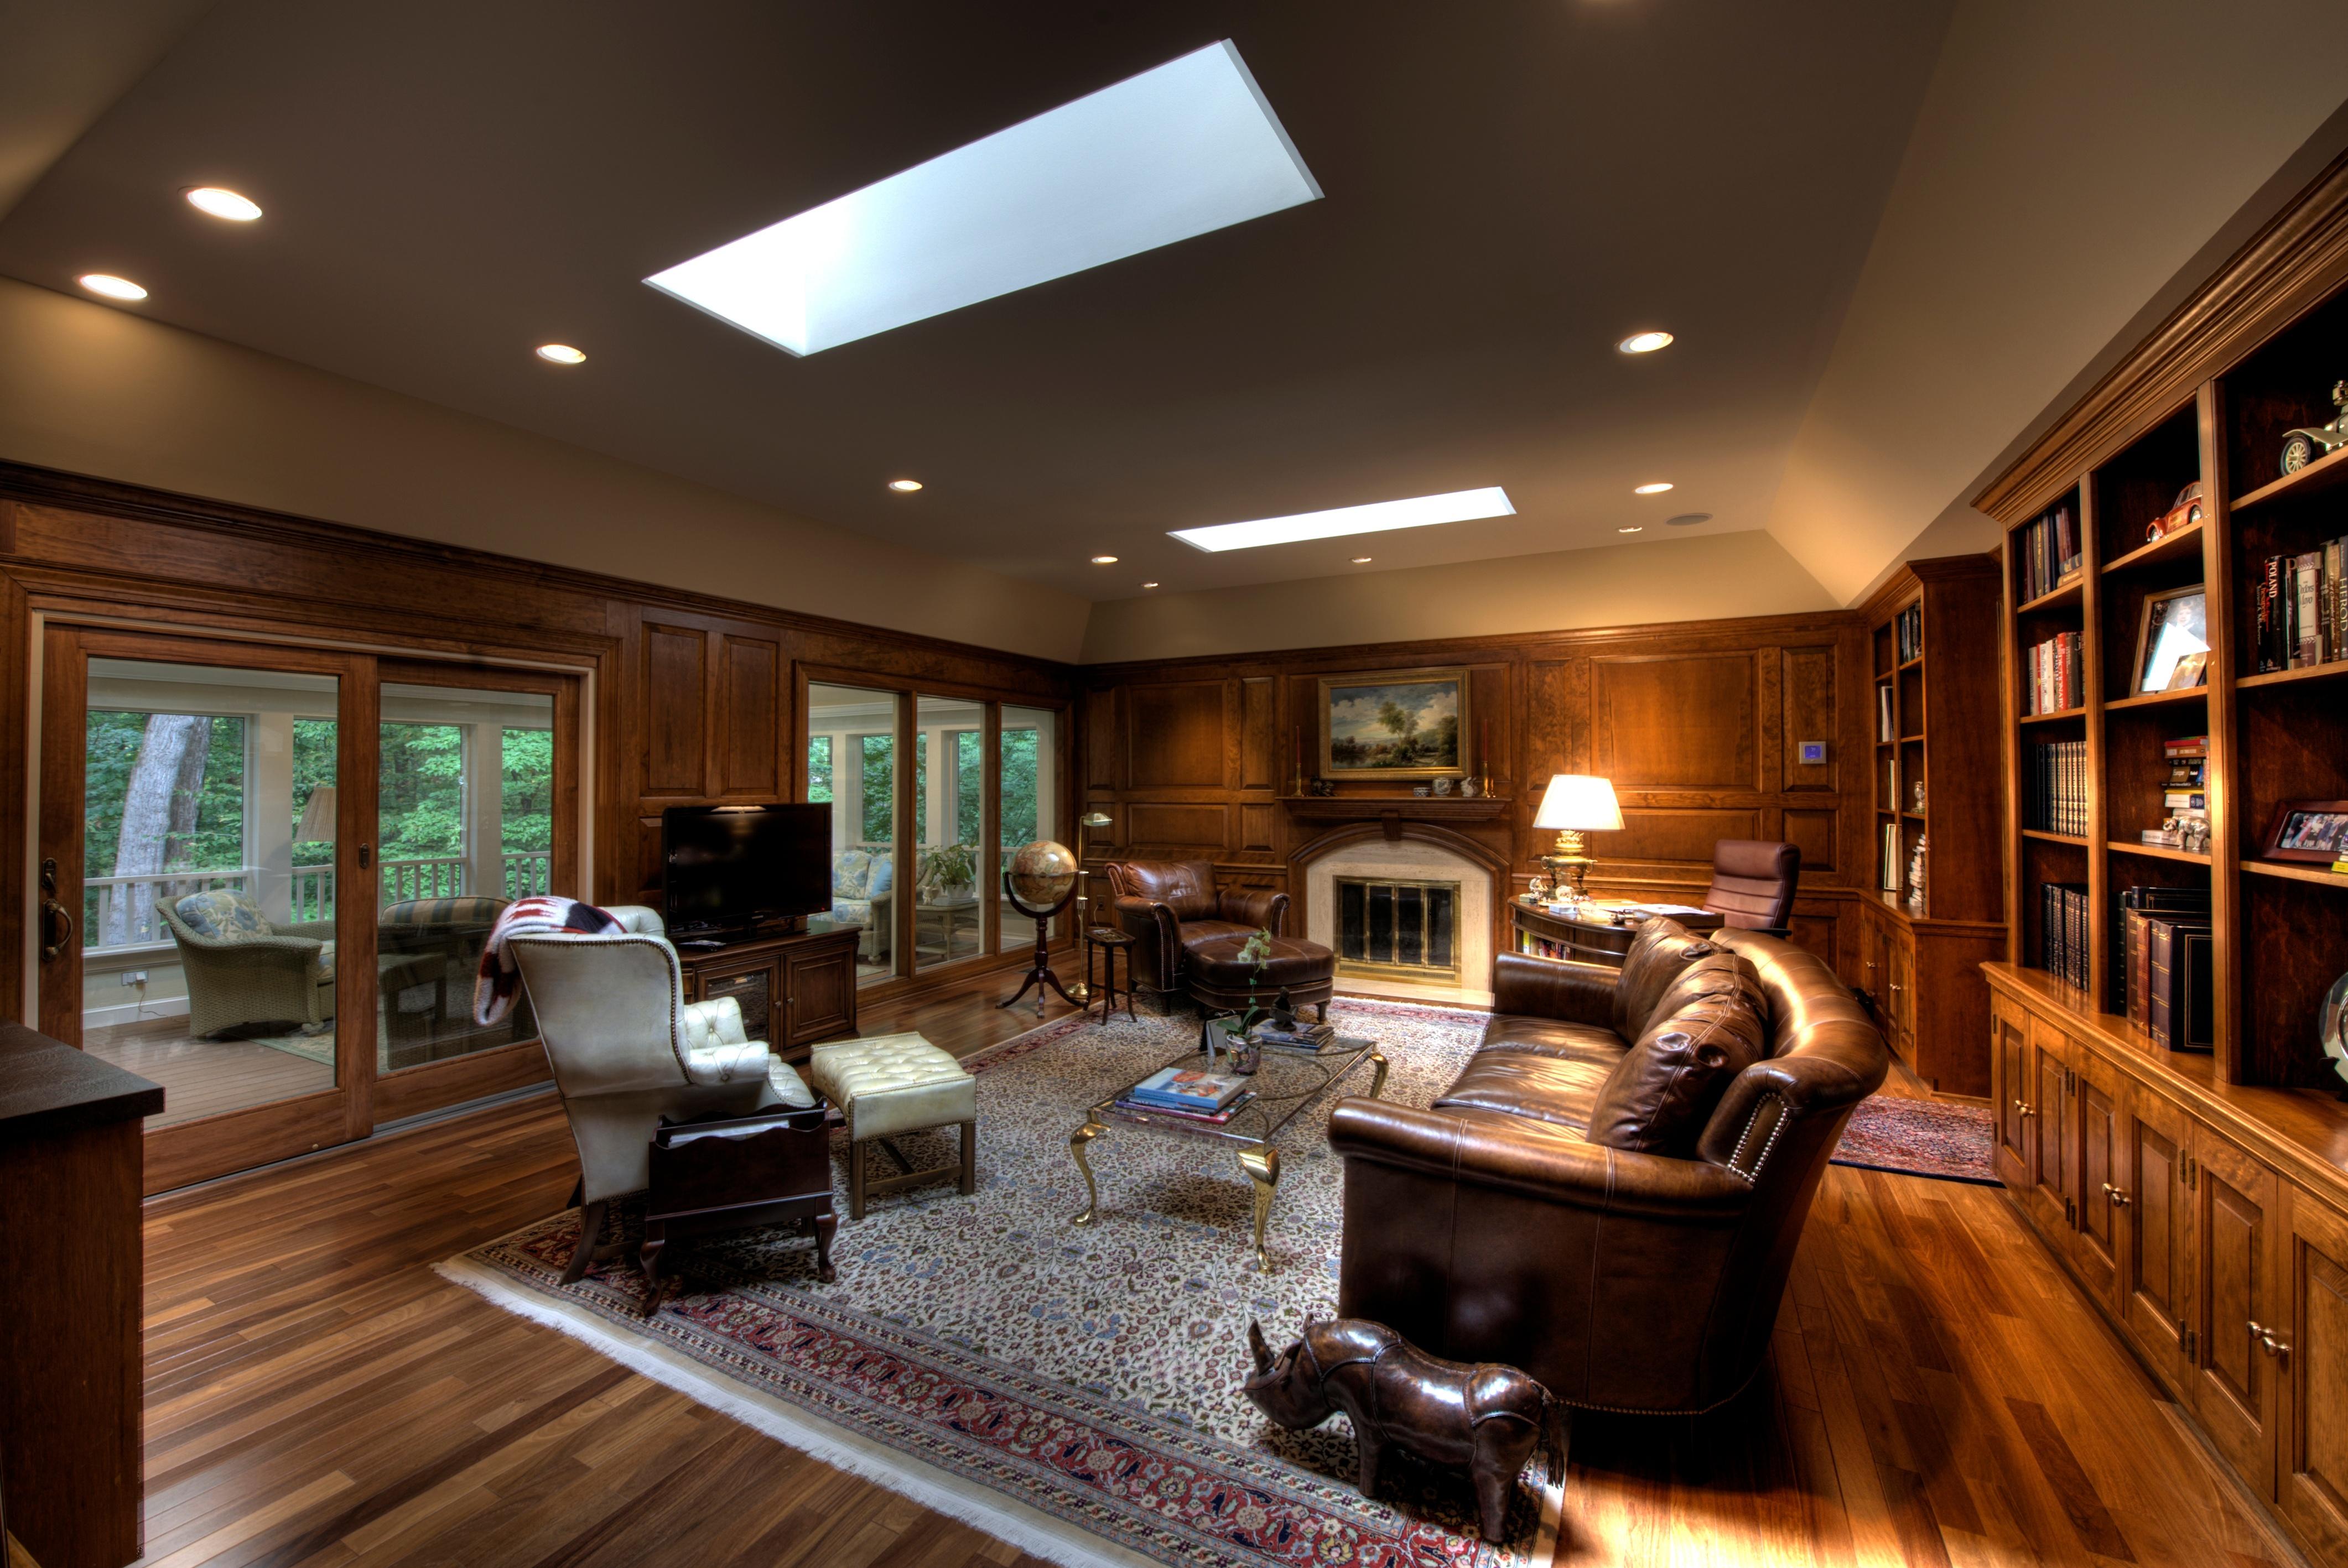 Interior_0005.jpg